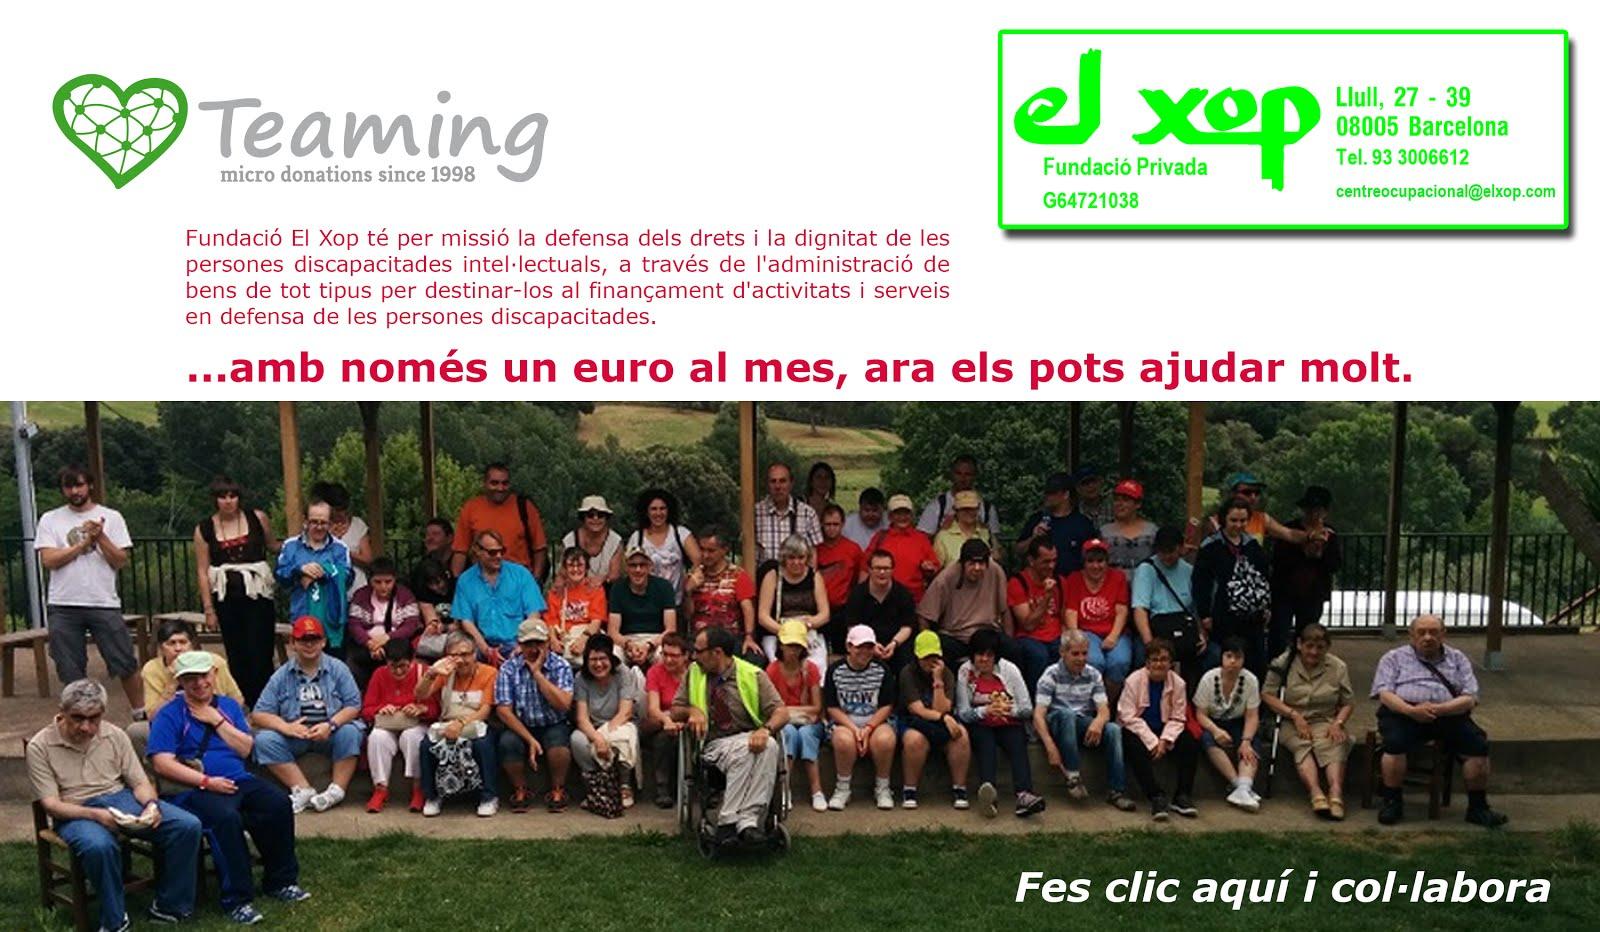 Teaming Fundació El Xop